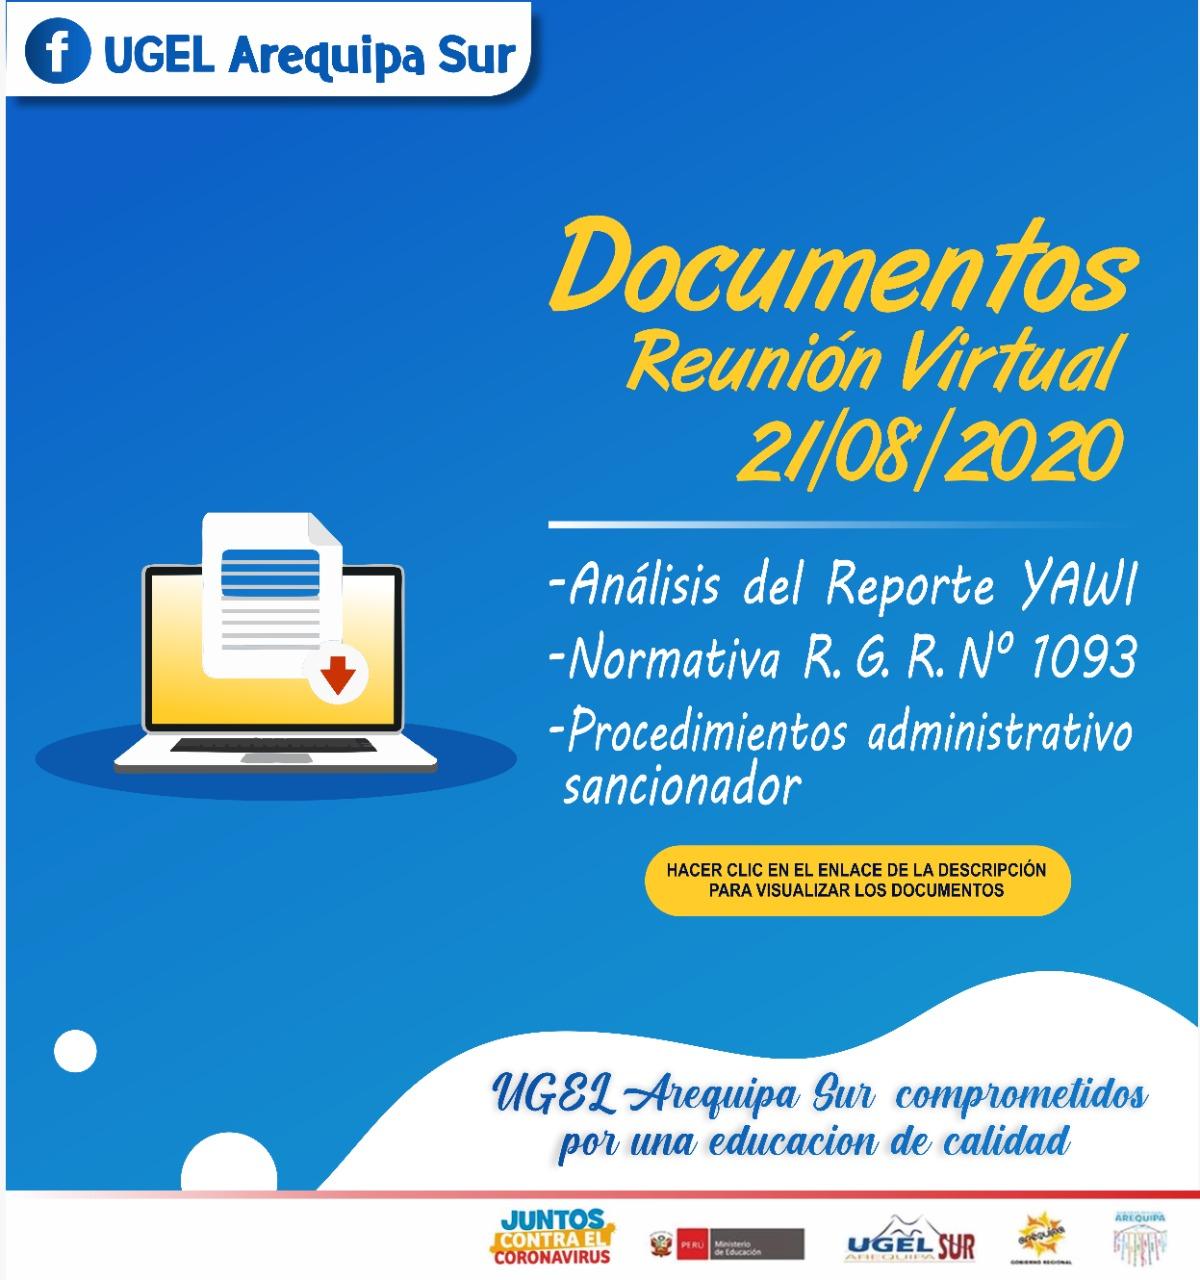 Documentos reunión directores IIEE Viernes 21 agosto 2020